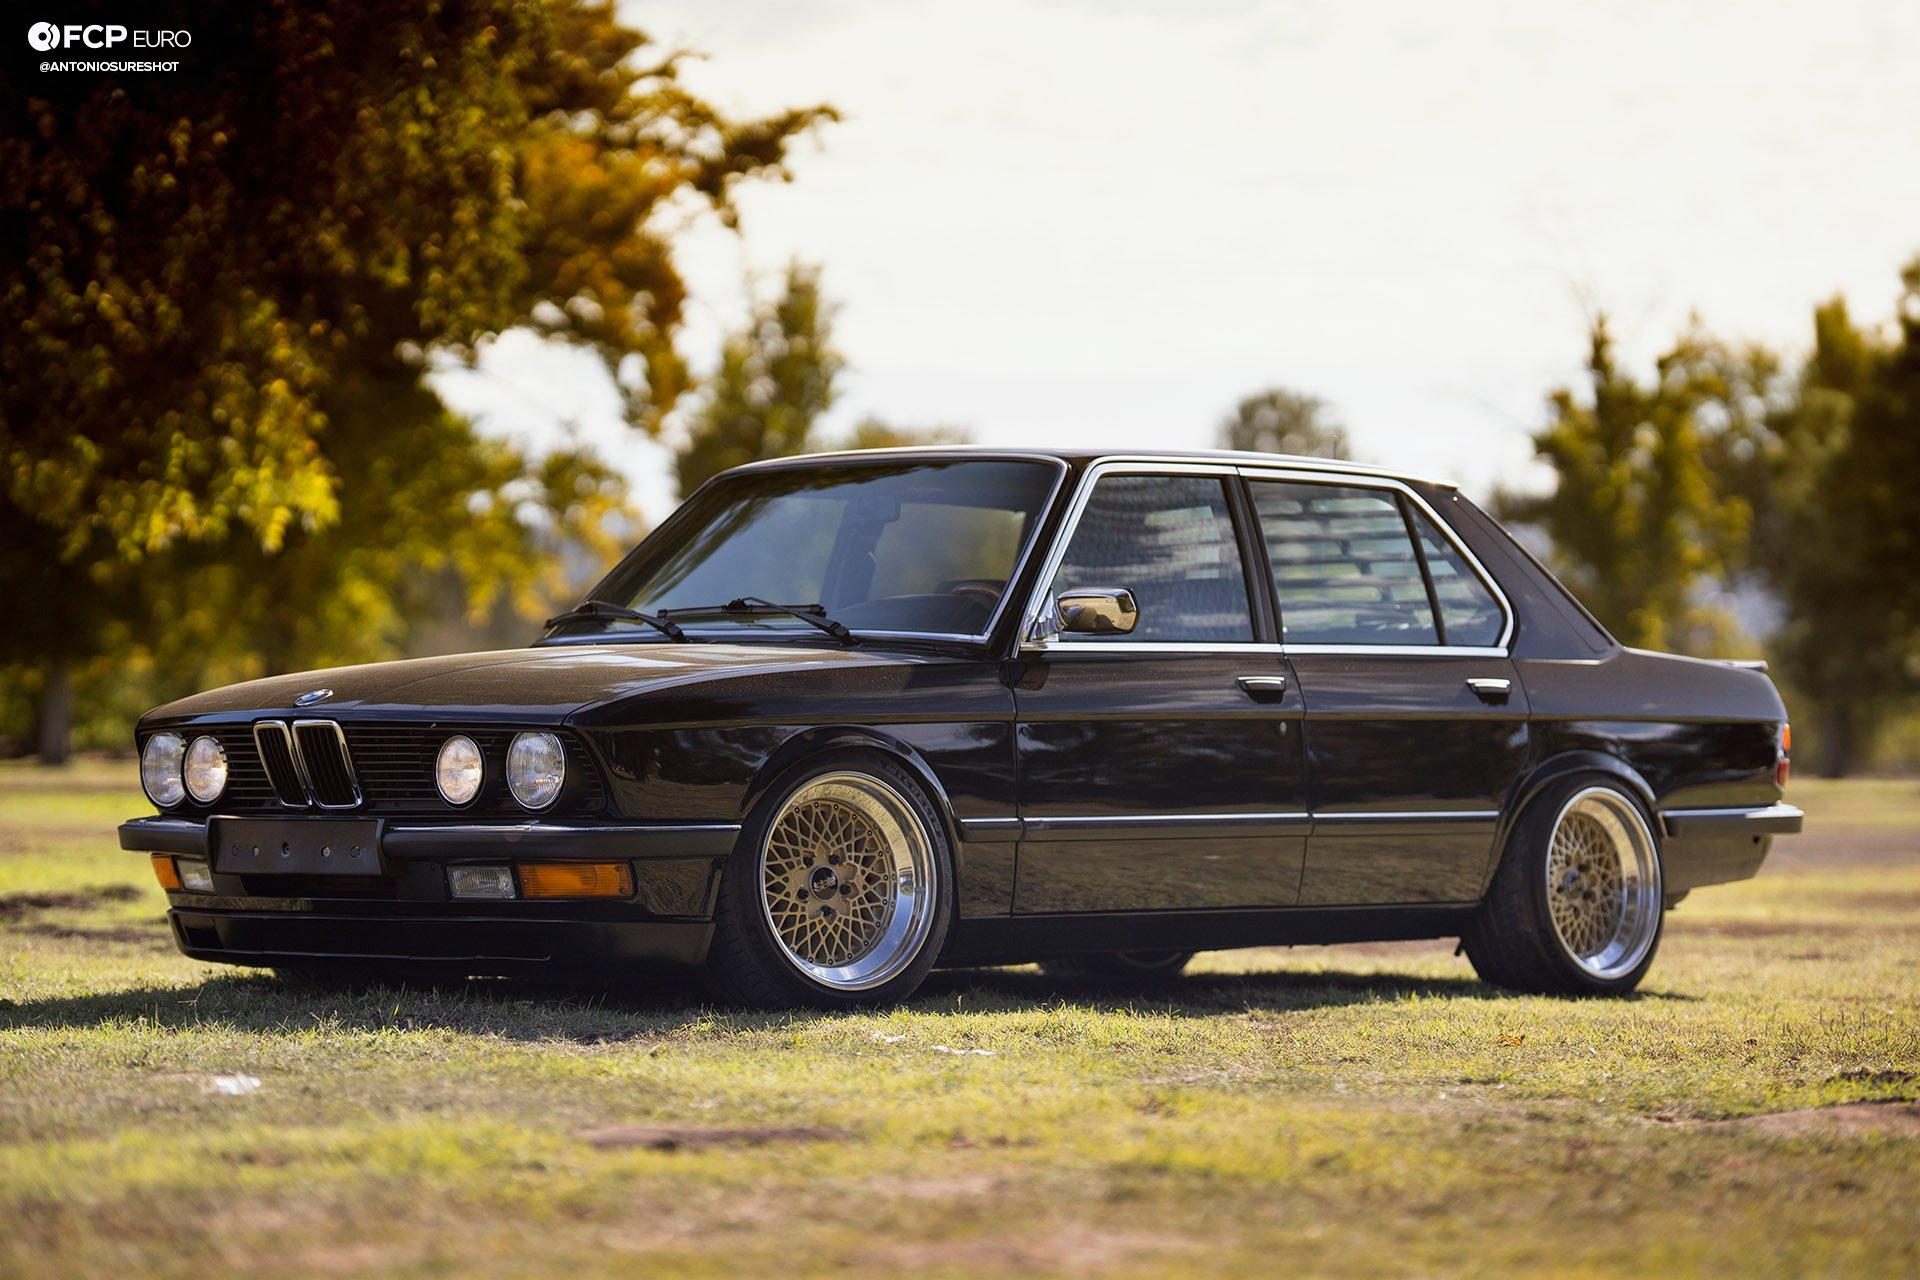 BMW E28 M60B40 V8 Engine Swap 535i Front 3/4